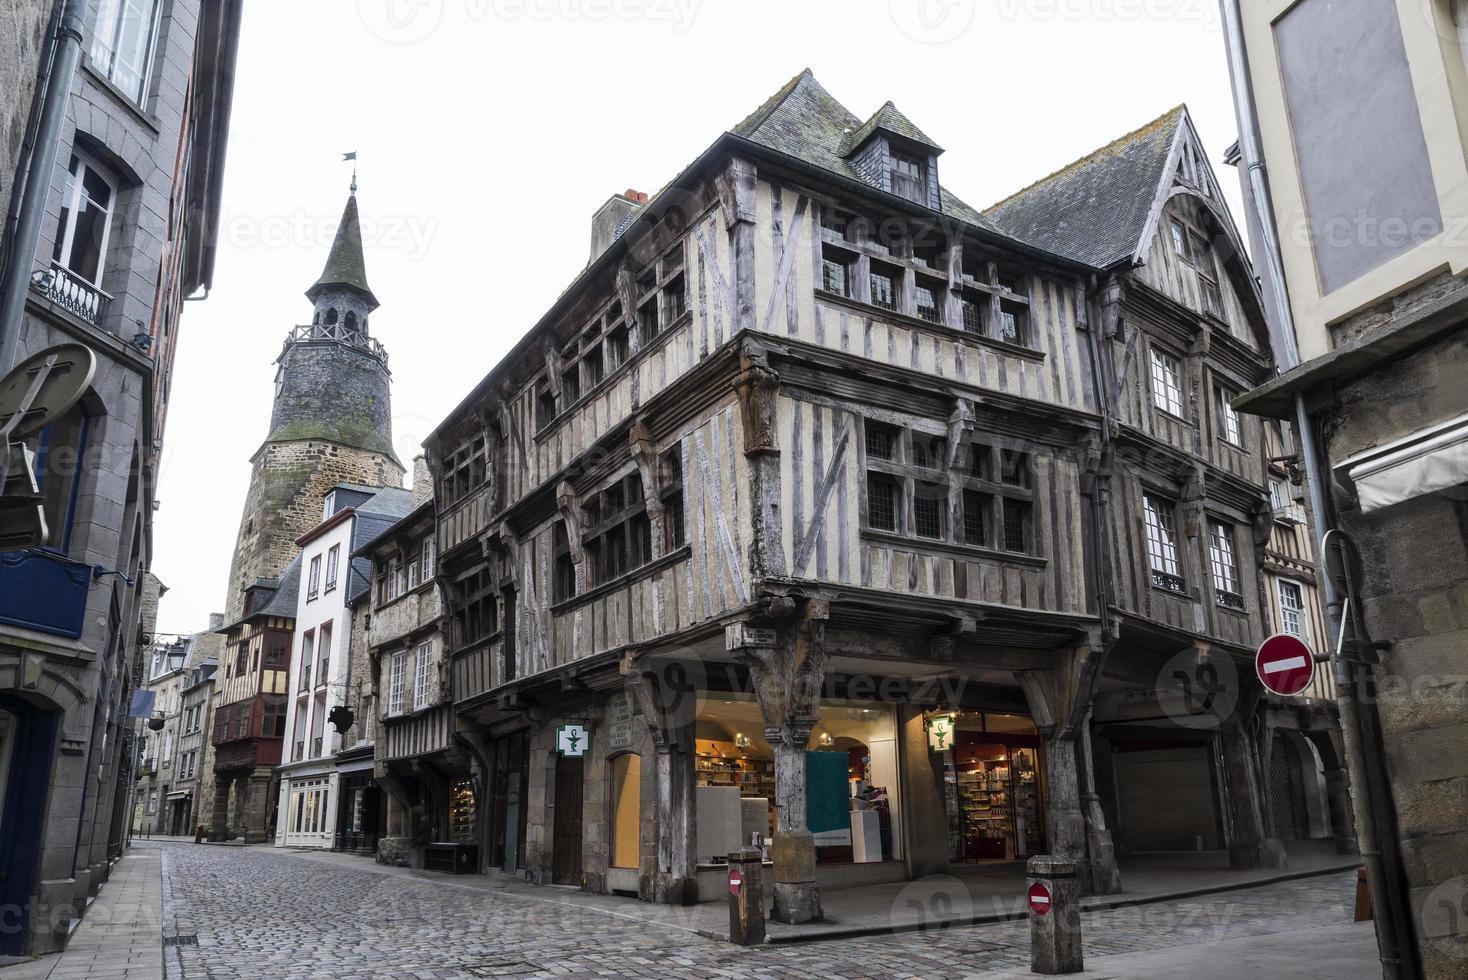 construcciones medievales en bretaña, francia foto